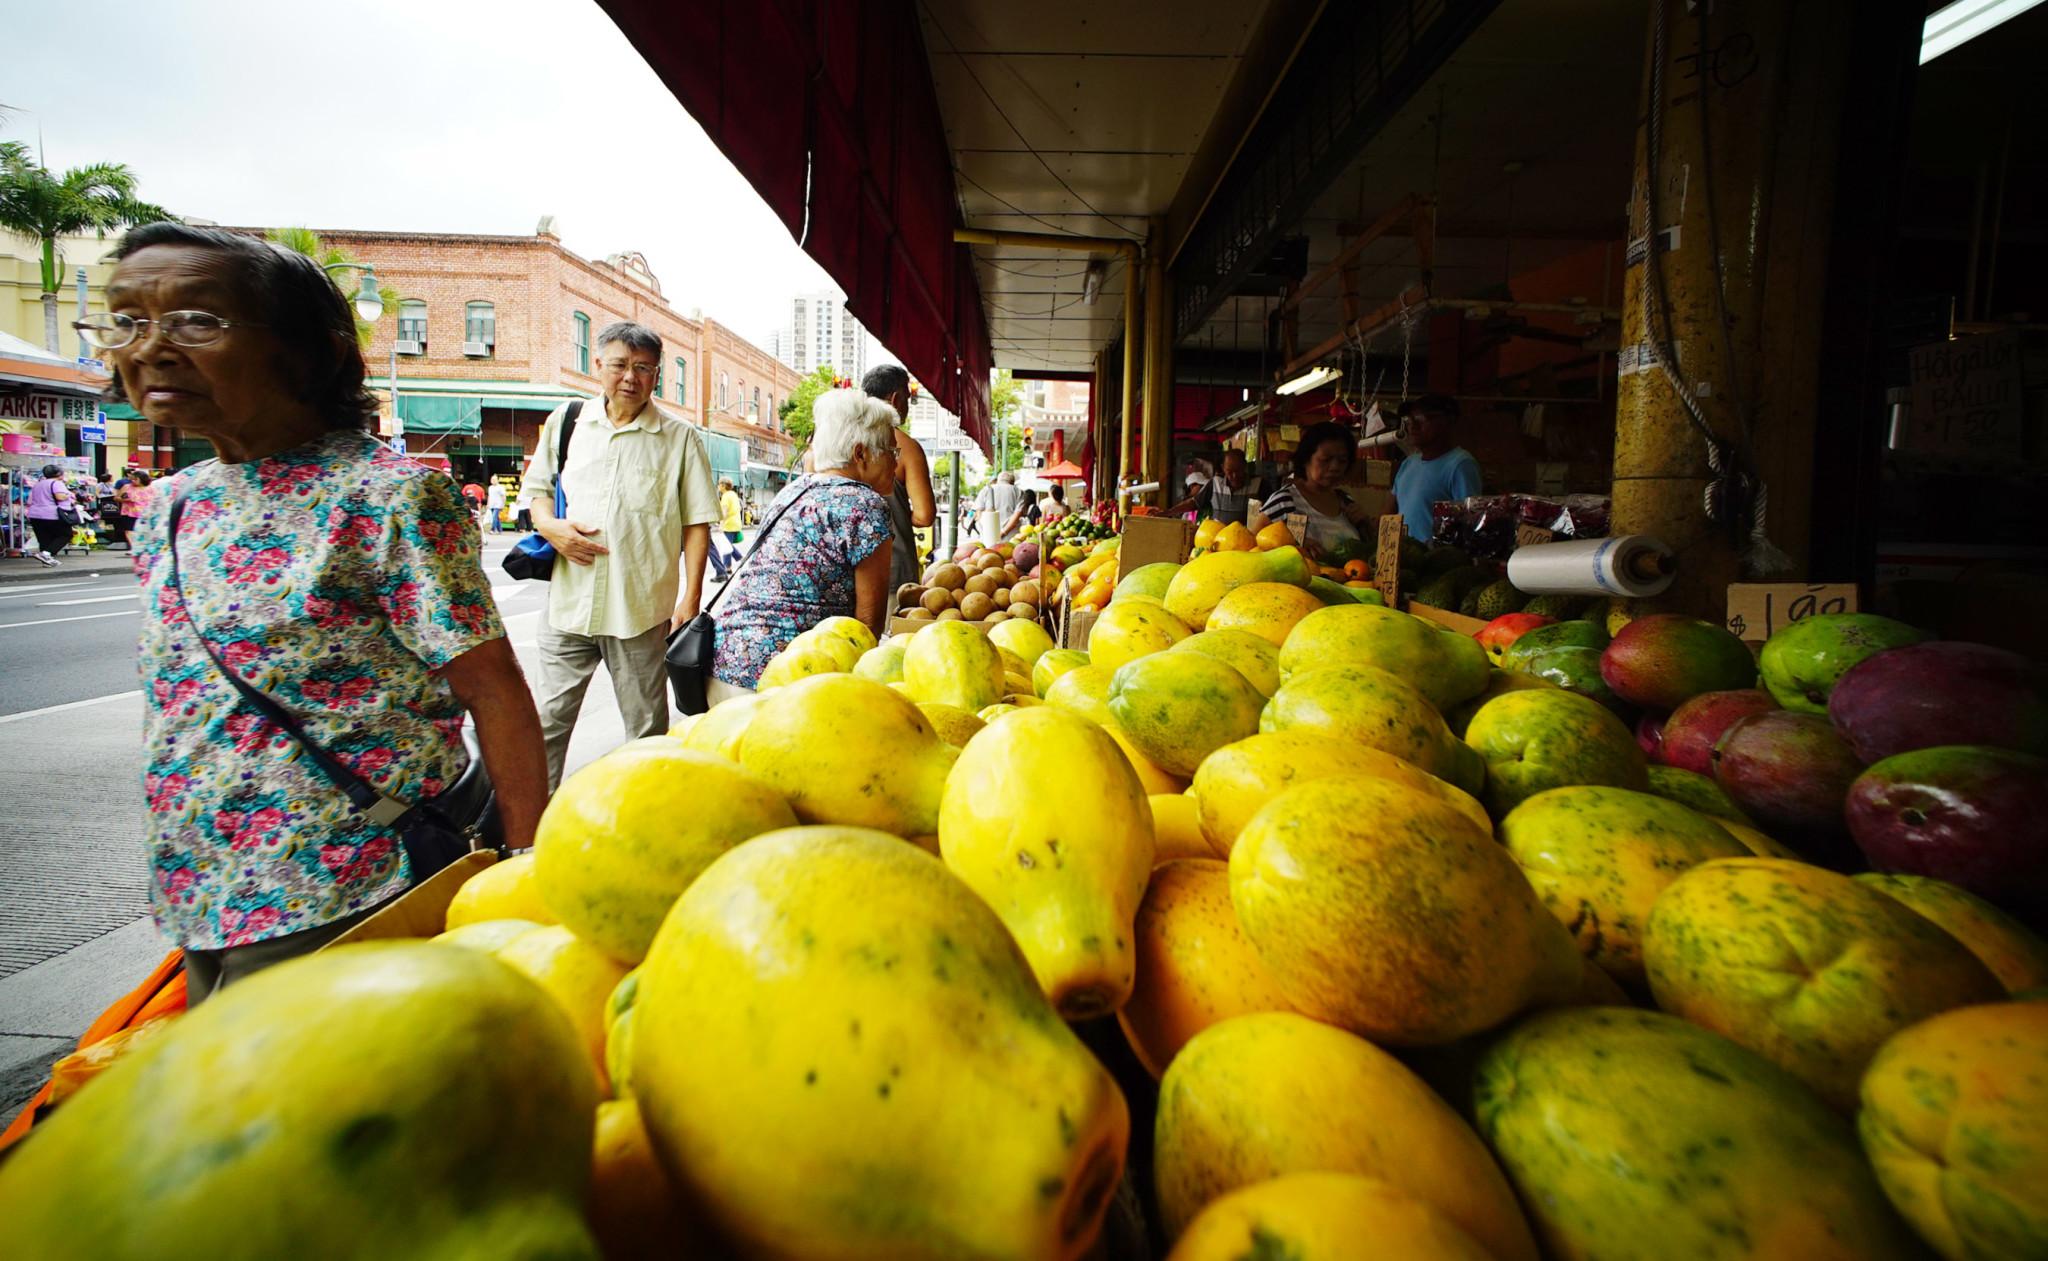 Oahu Market Chinatown papaya along King Street. 23 july 2016